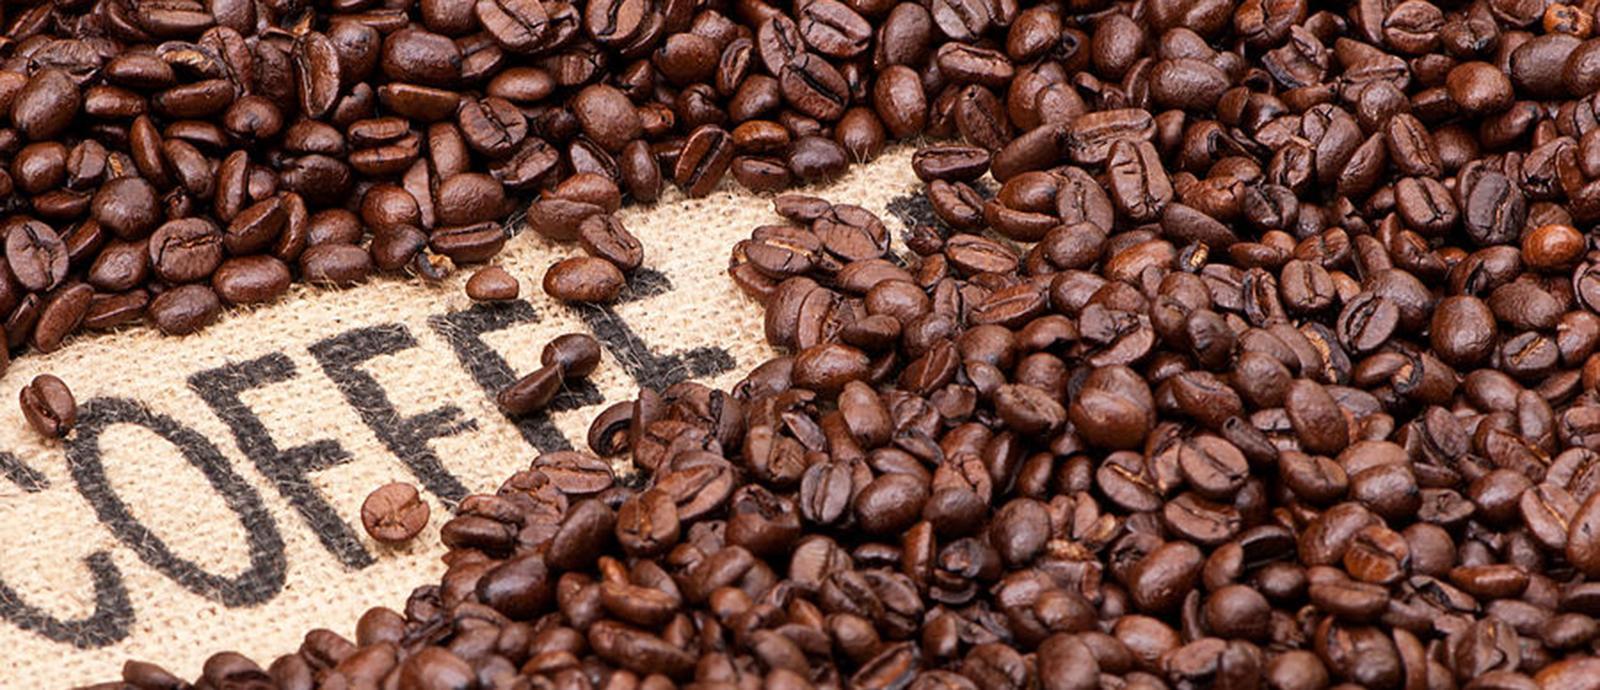 Quy trình làm ra cà phê nguyên chất